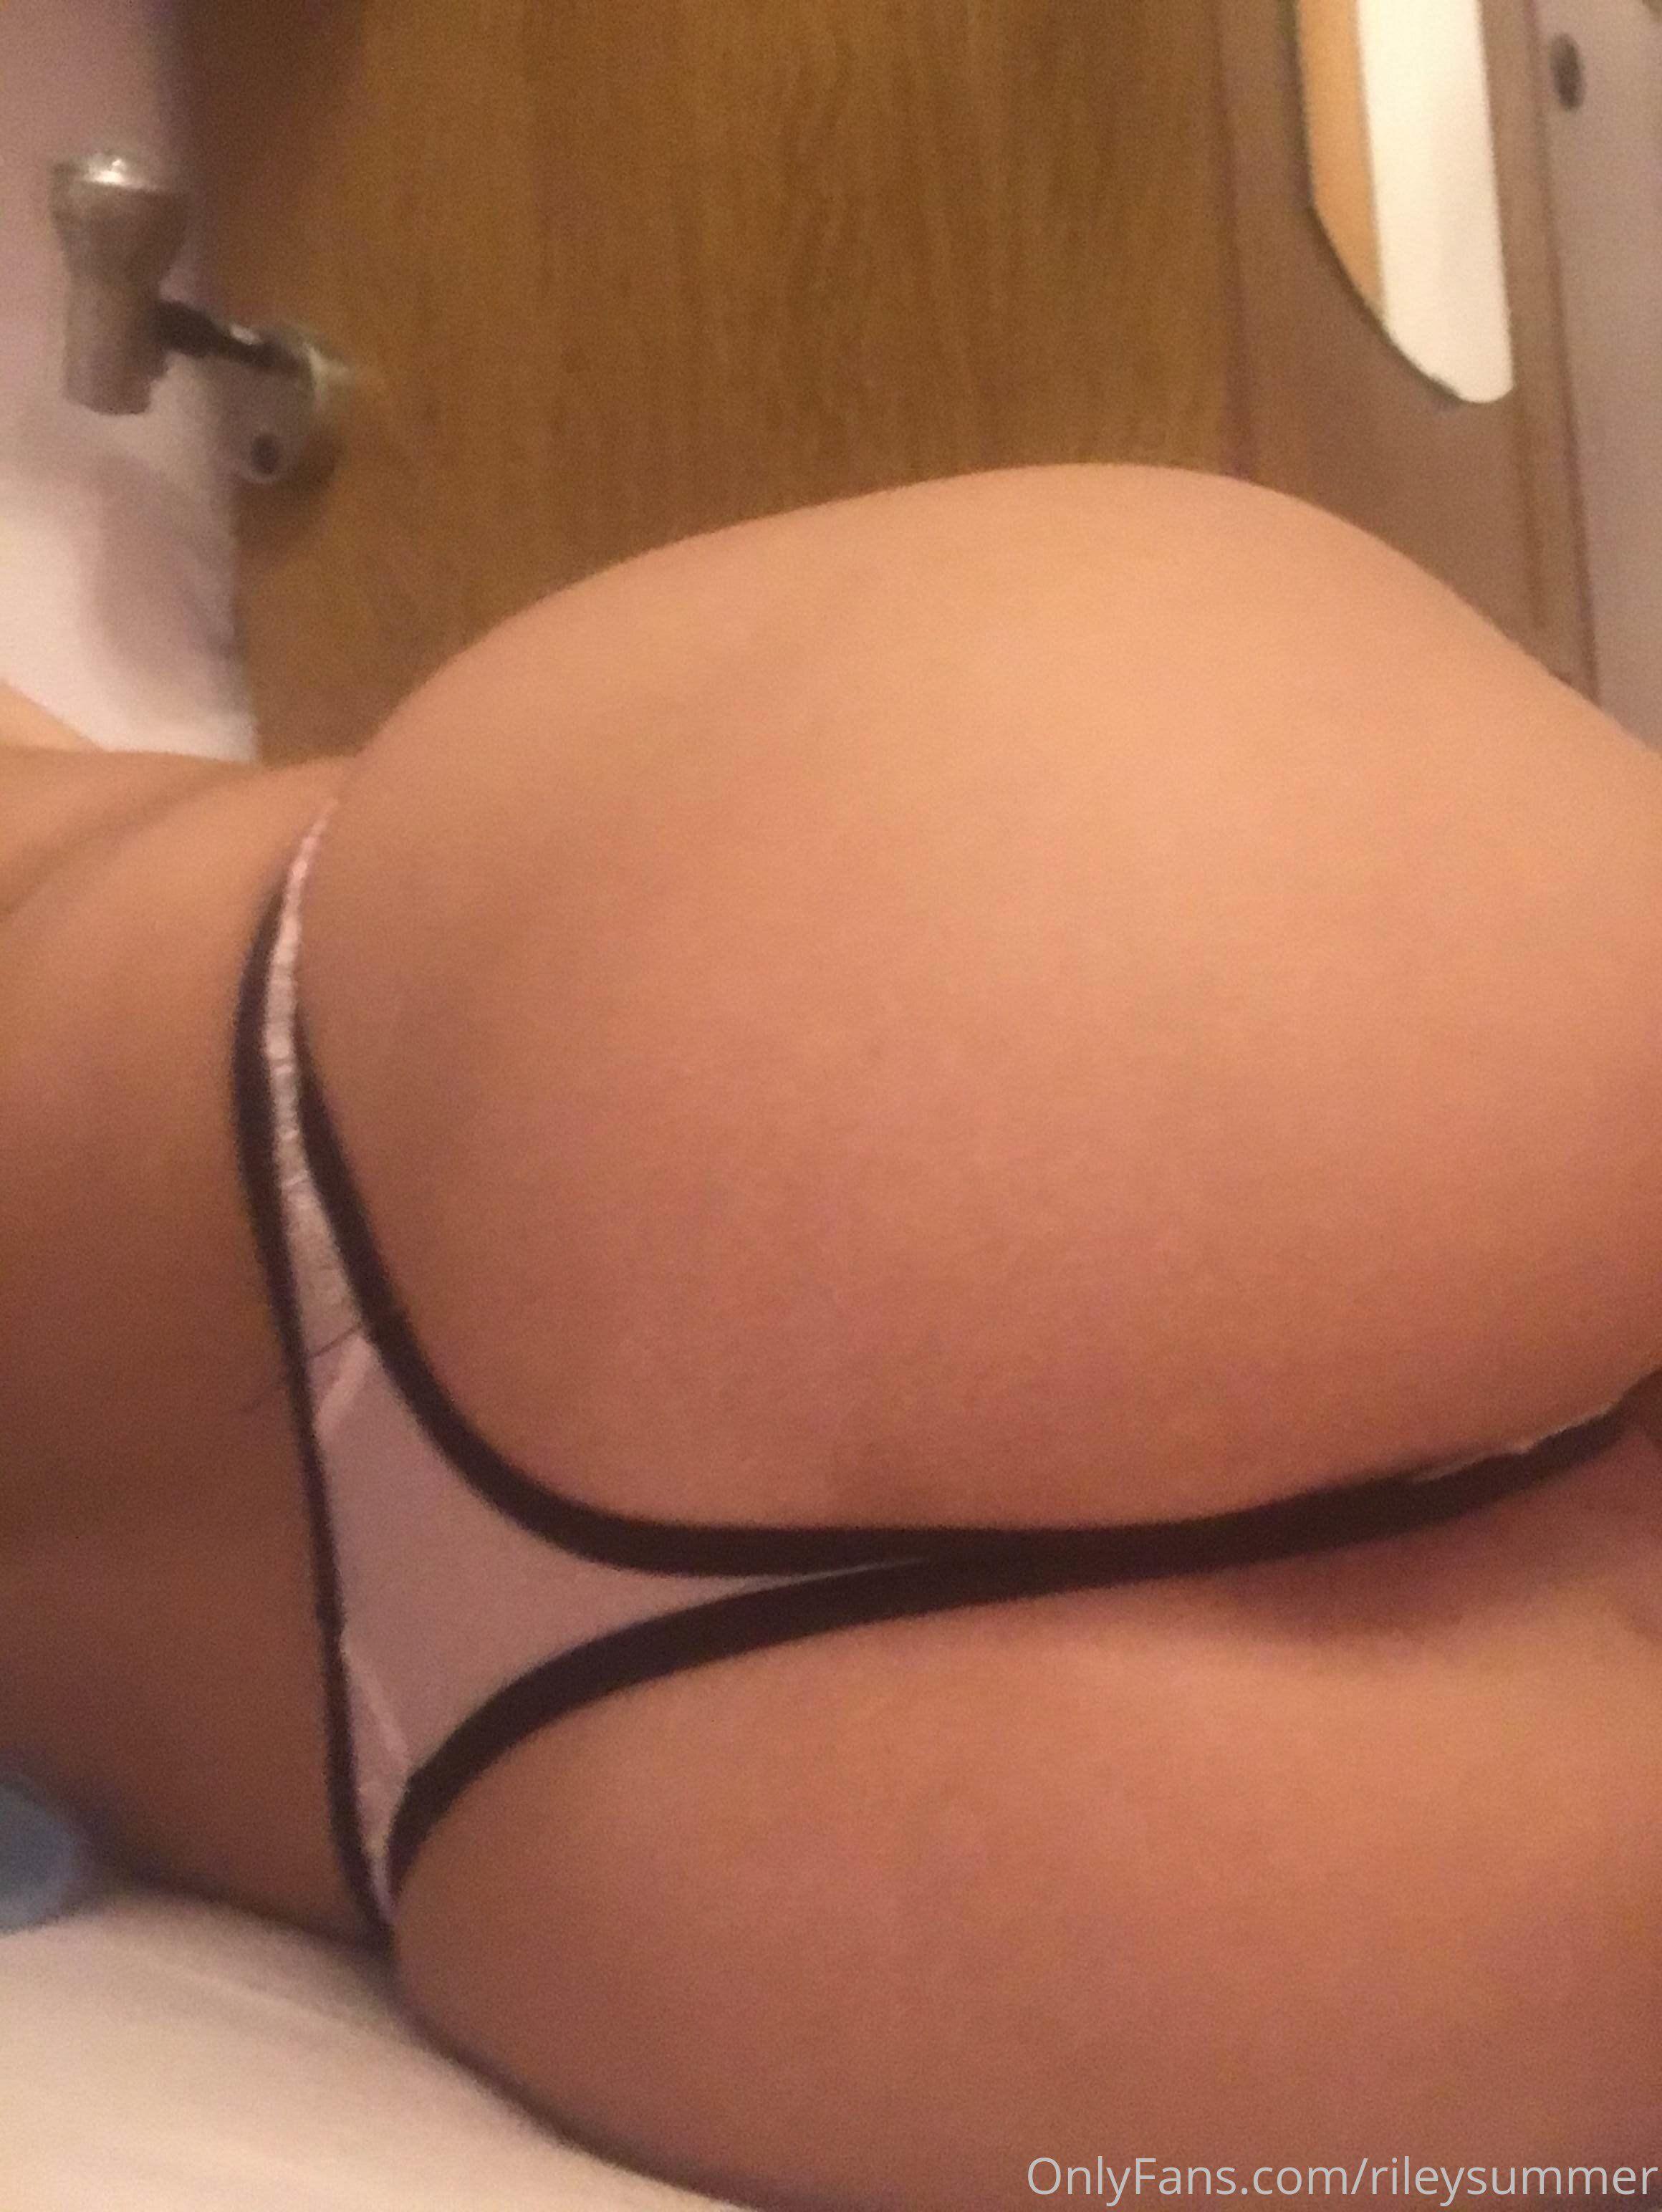 Rileysummer Nude Onlyfans Leaked 0003